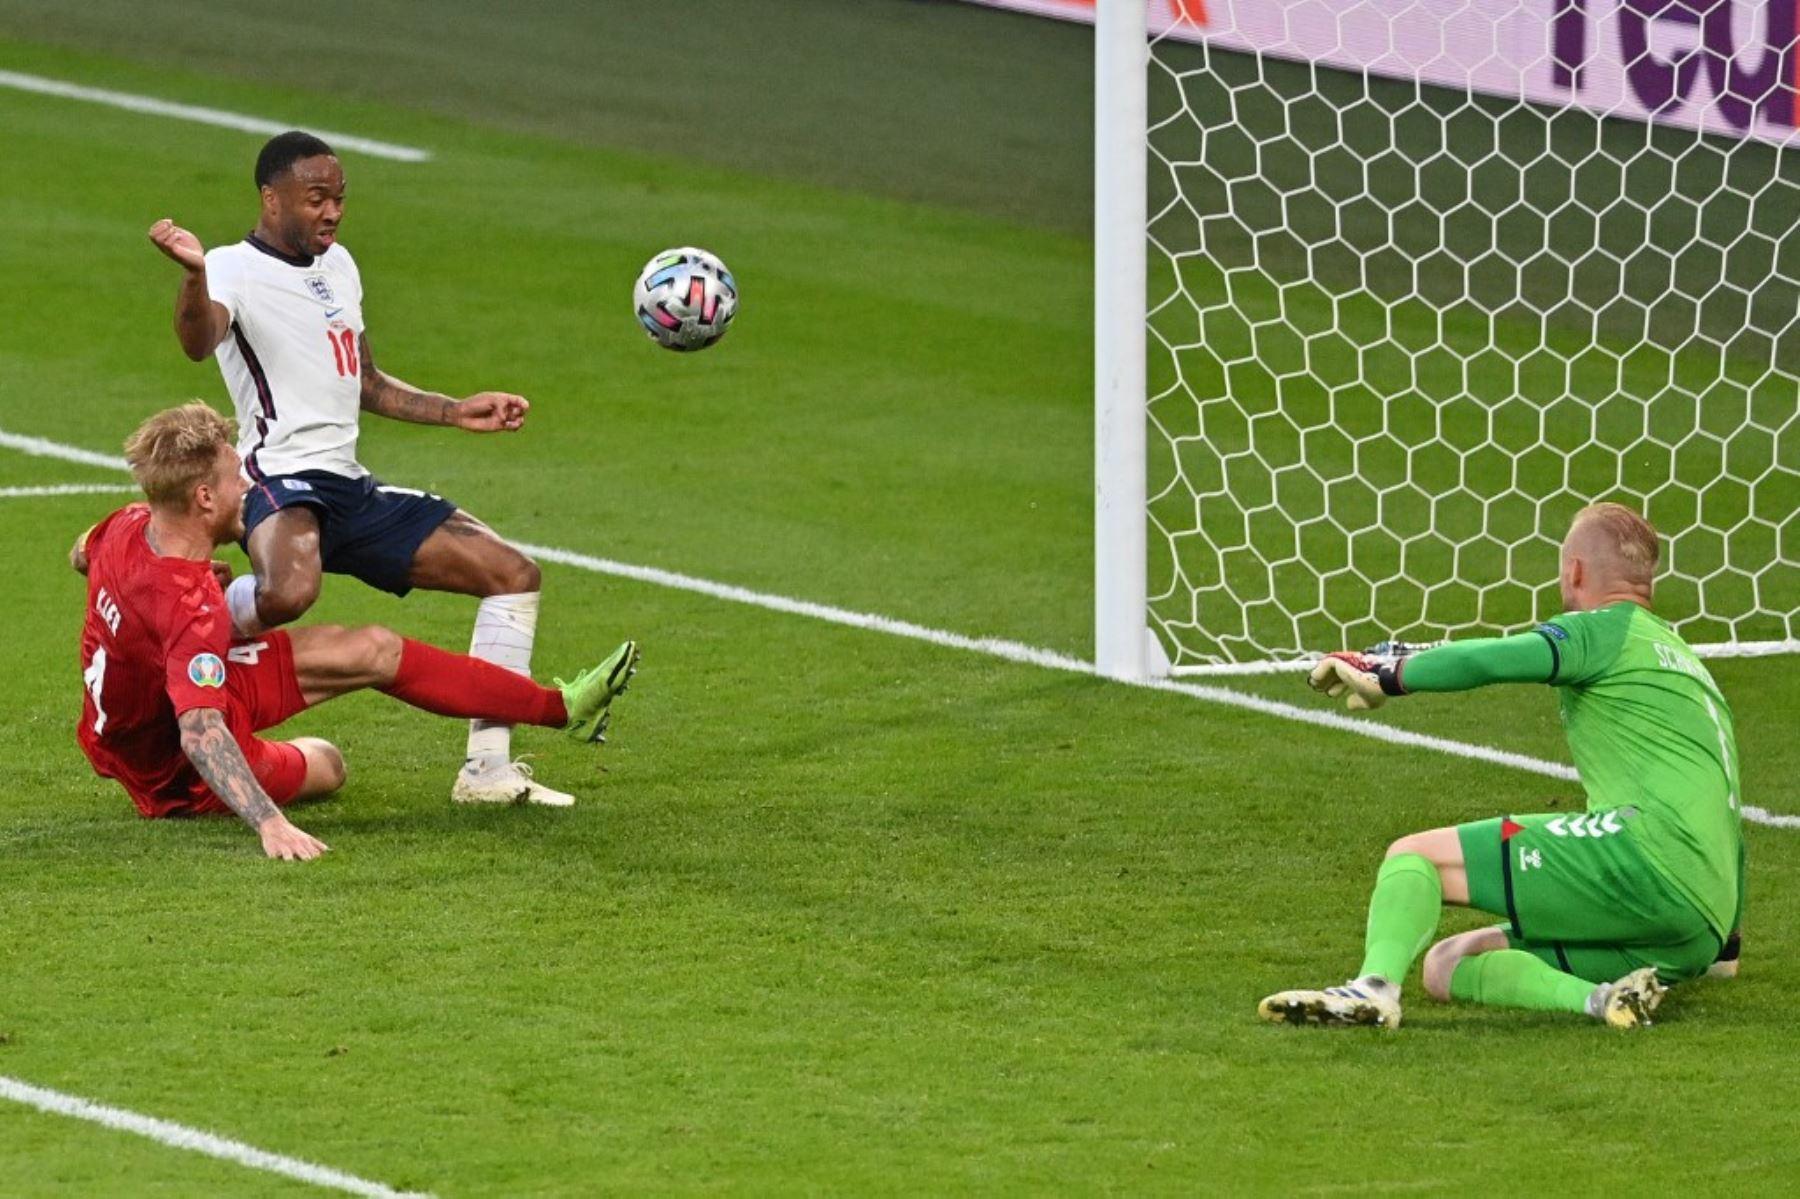 Al término del primer tiempo,  Dinamarca empata 1-1 con Inglaterra en Wembley